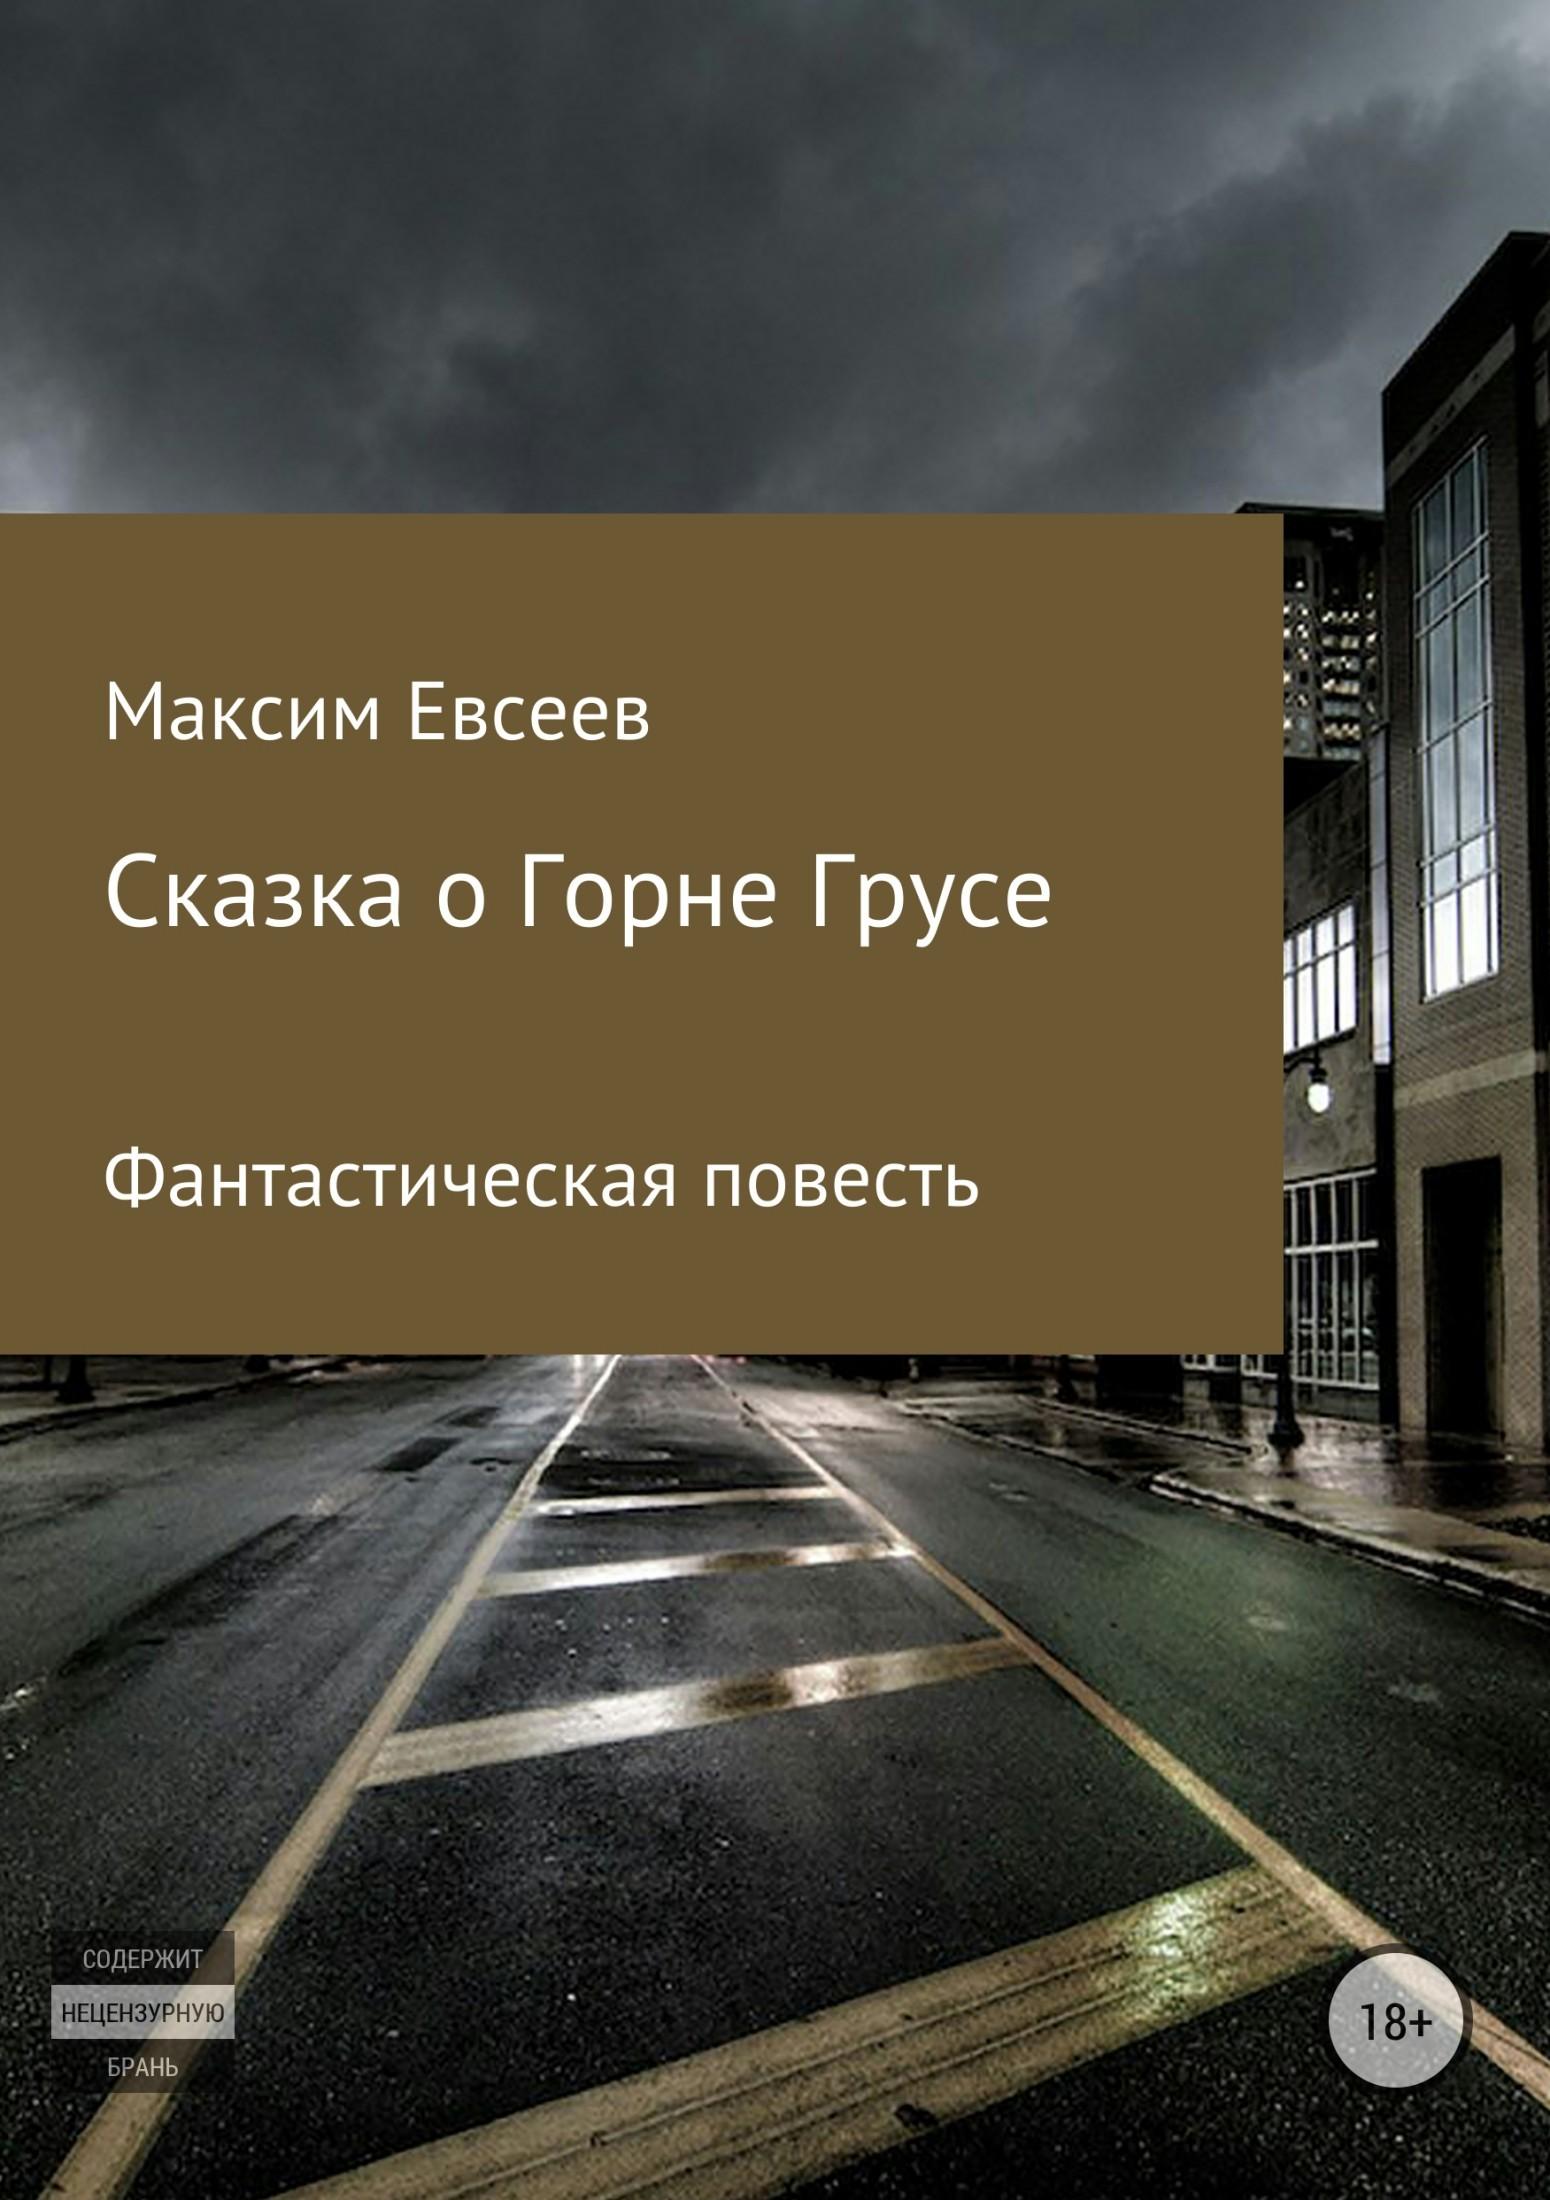 Максим Сергеевич Евсеев. Сказка о Горне Грусе